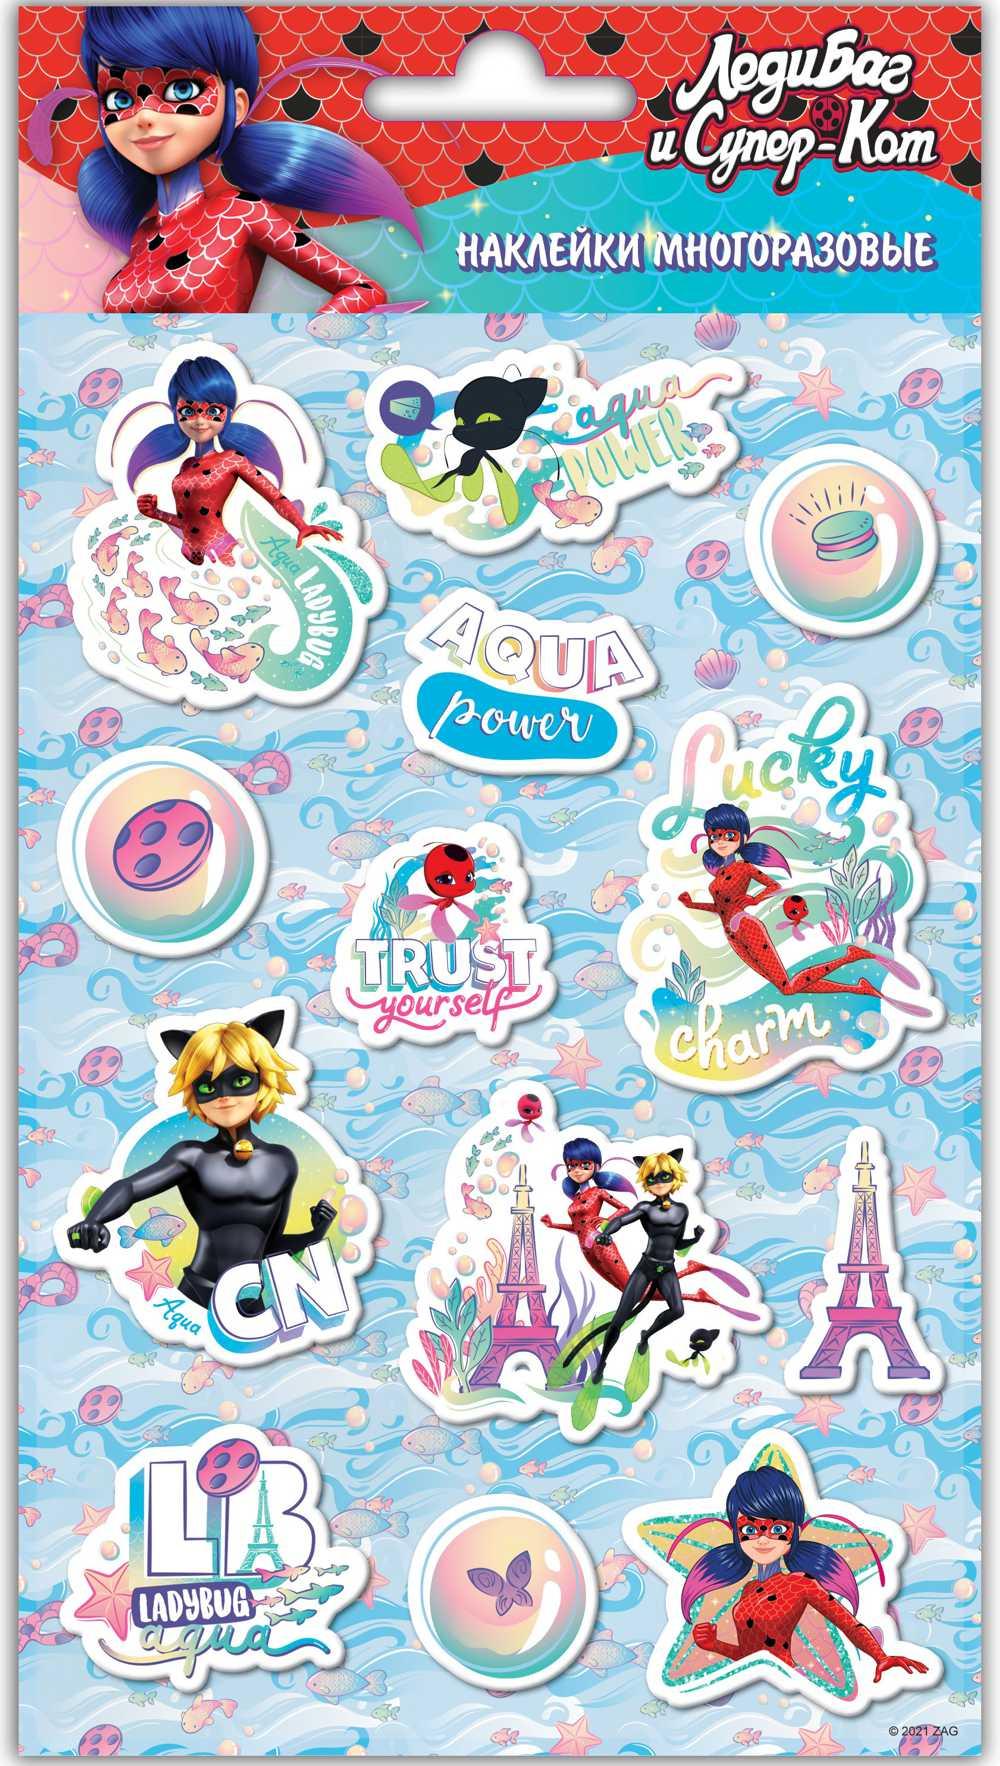 Набор наклеек Леди Баг и Супер-Кот Дизайн 2 Вспененные логунова е леди баг и супер кот раскраска с развивающими заданиями 16 цветных наклеек